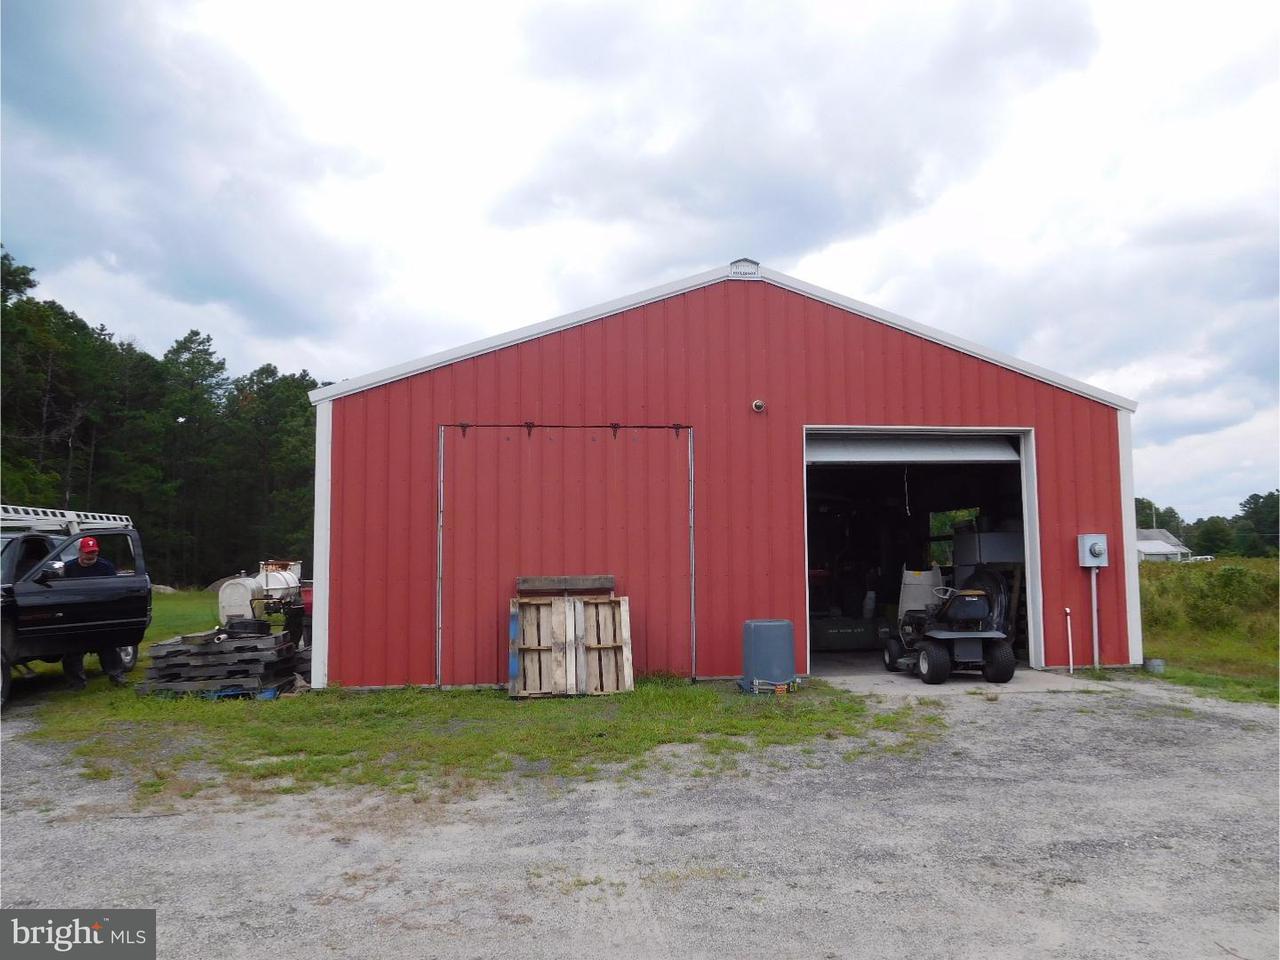 农场 为 销售 在 162 MOUNT MISERY Road New Lisbon, 新泽西州 08015 美国